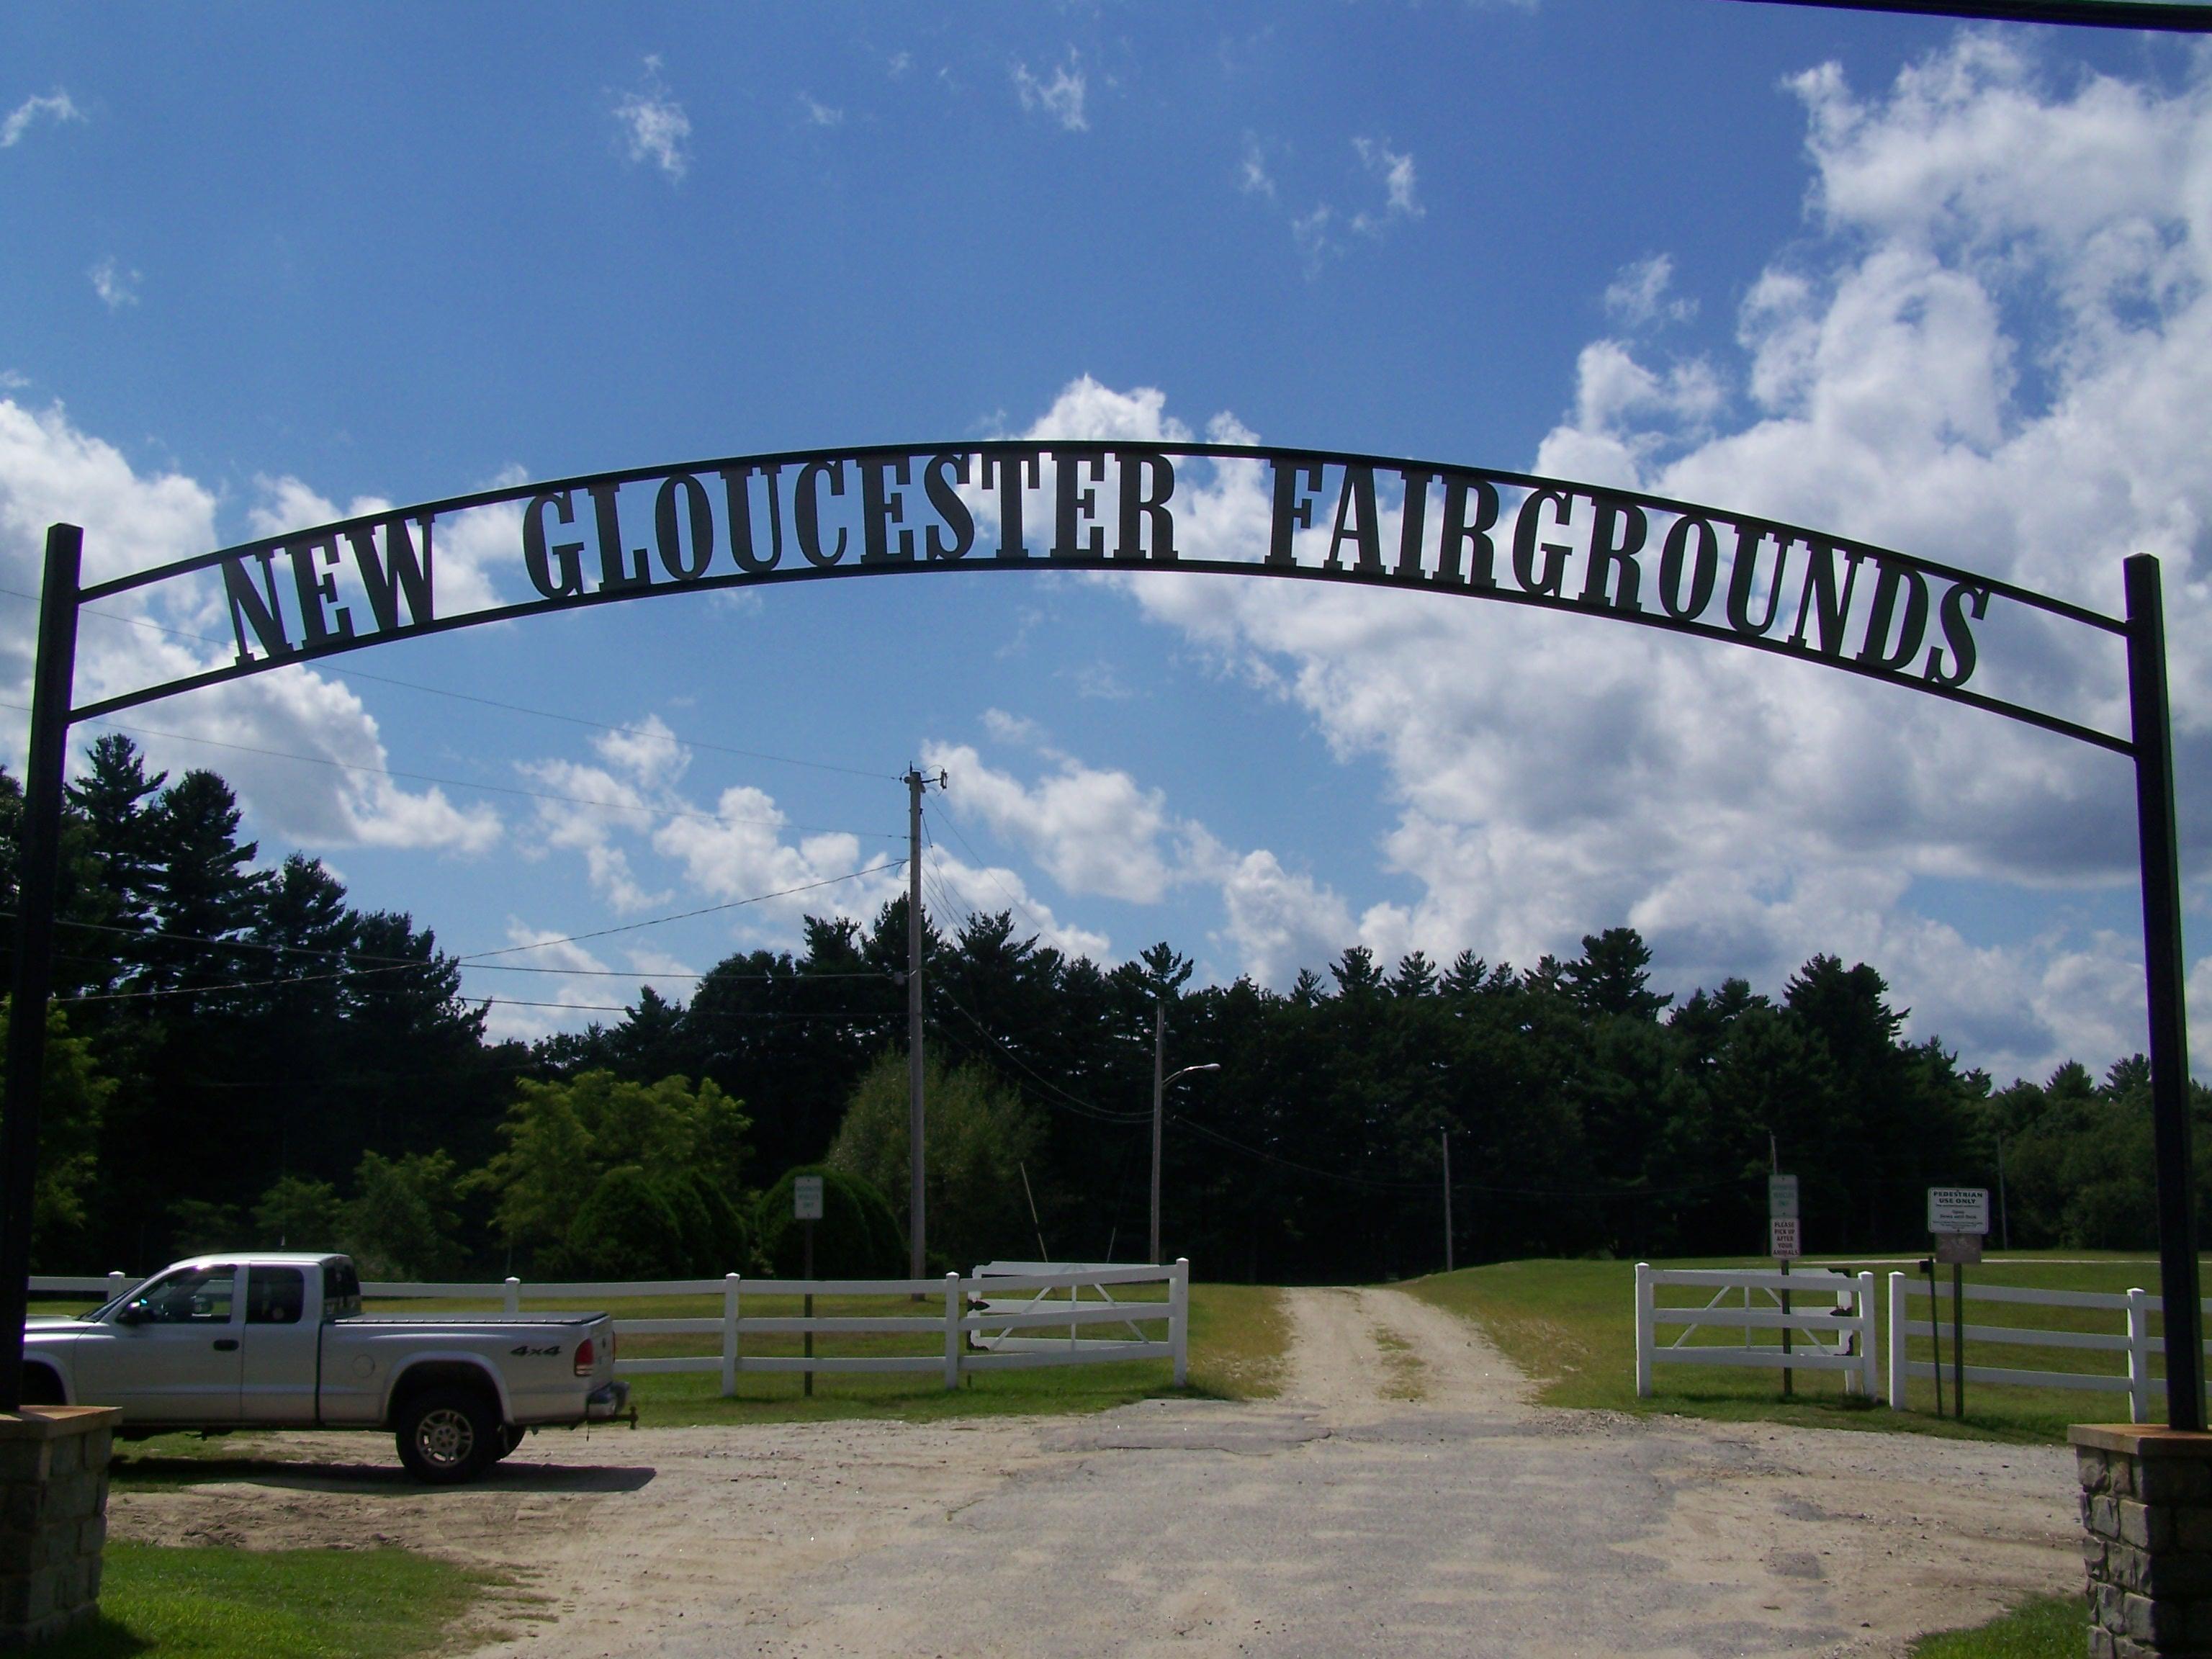 Fairgrounds New Gloucester Maine